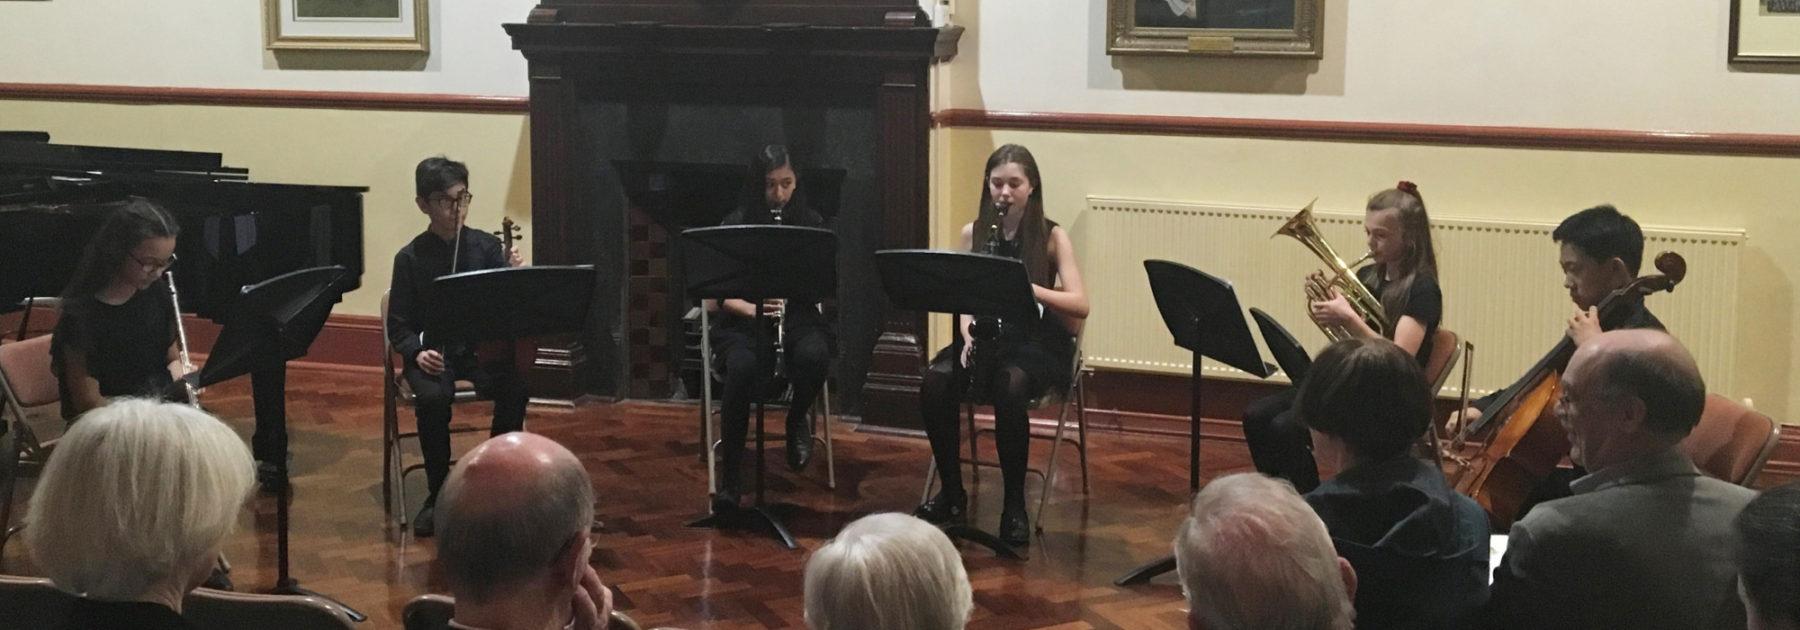 Scholars' Concert